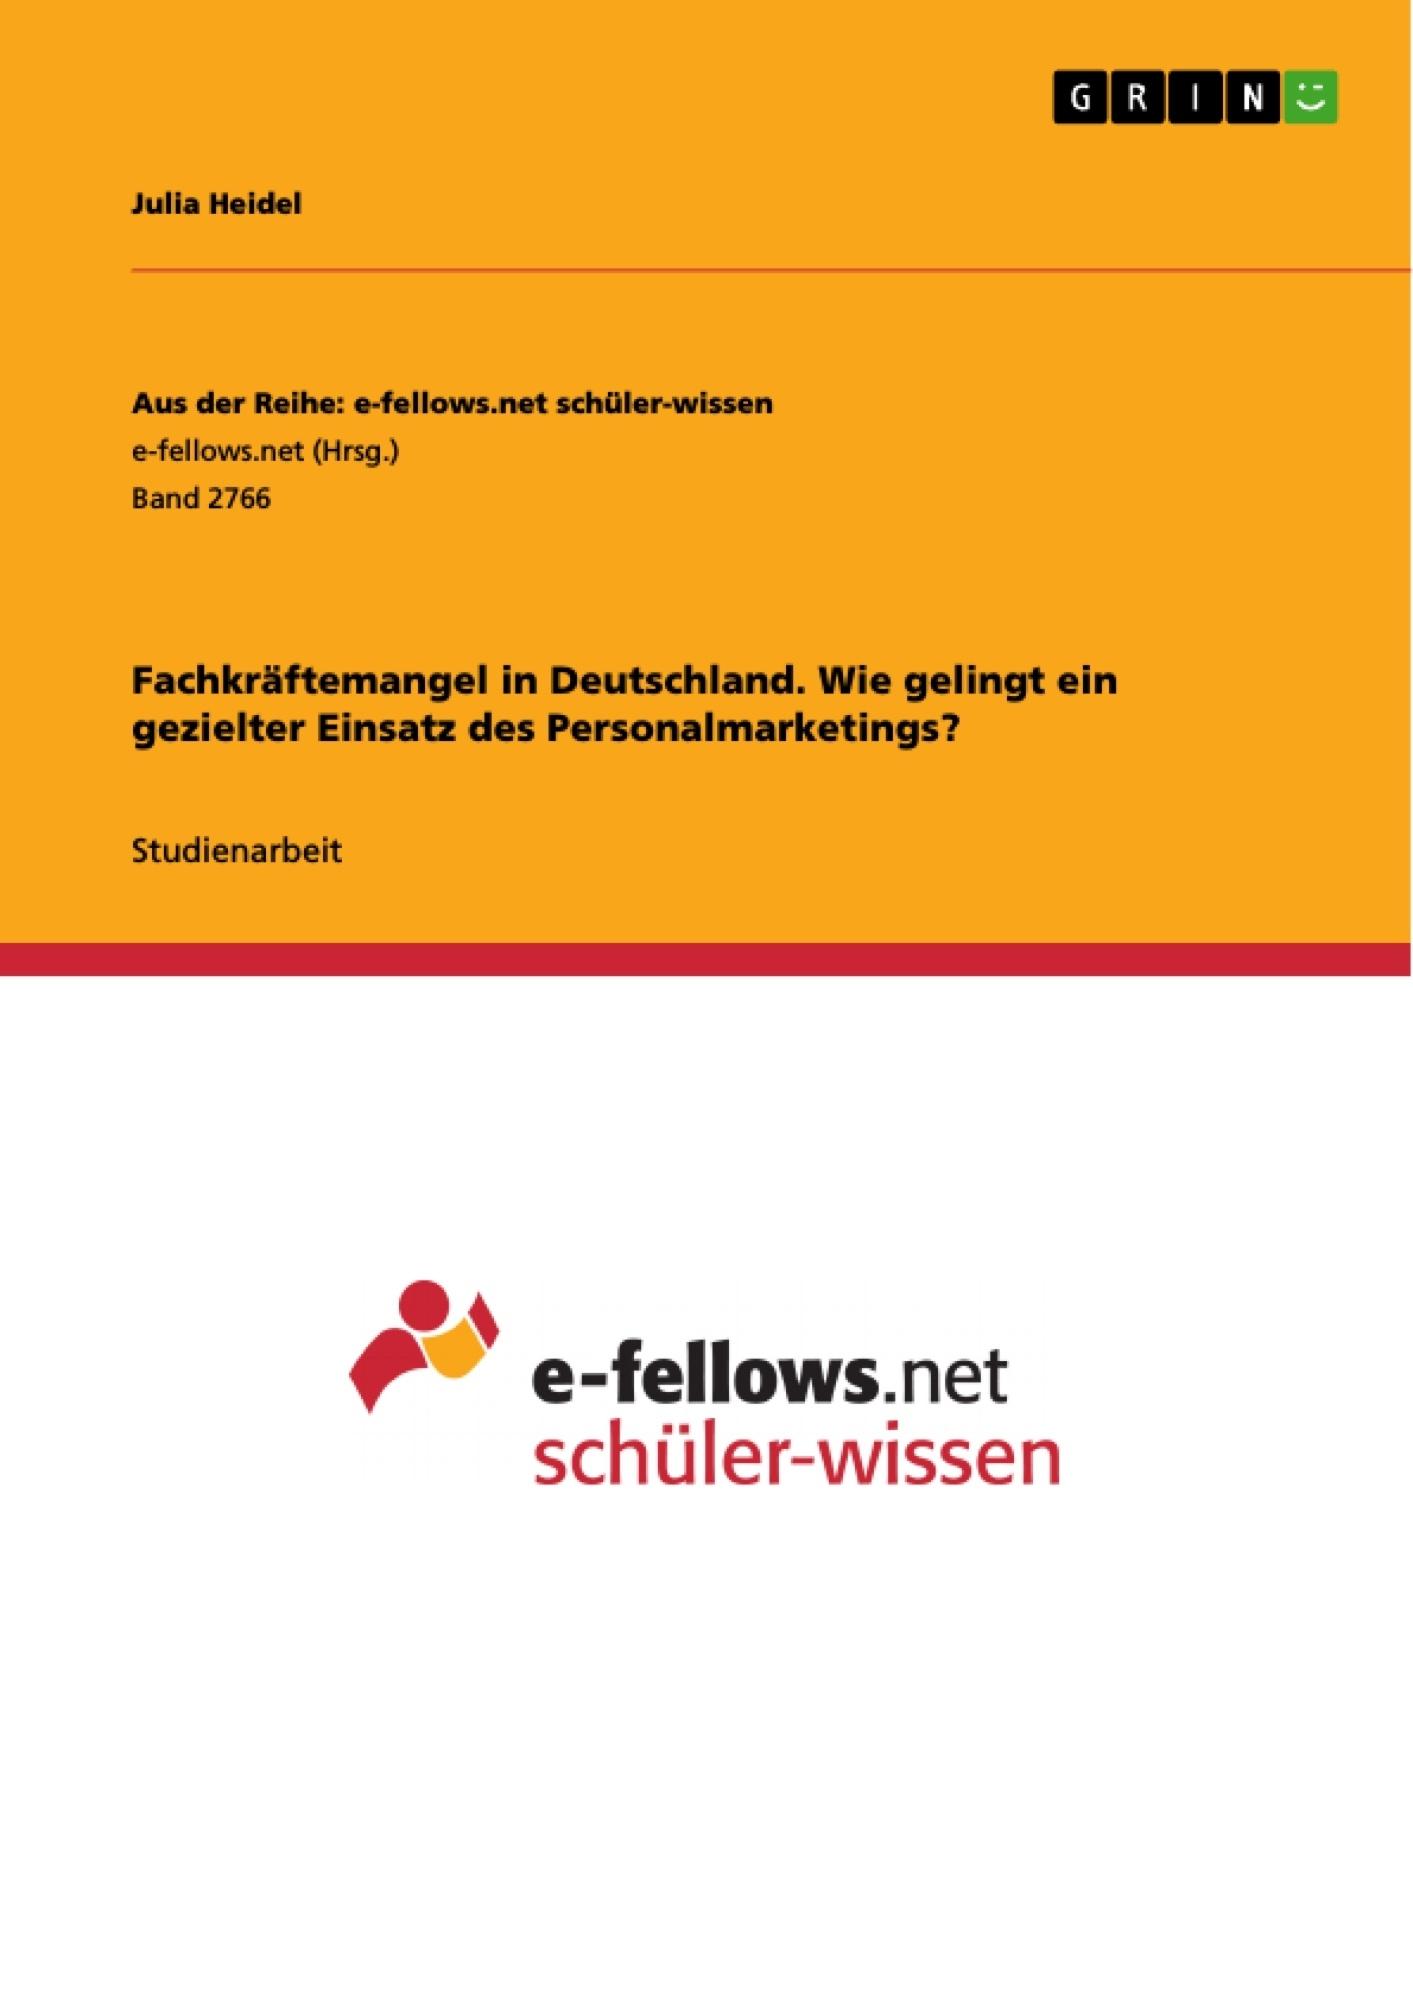 Titel: Fachkräftemangel in Deutschland. Wie gelingt ein gezielter Einsatz des Personalmarketings?